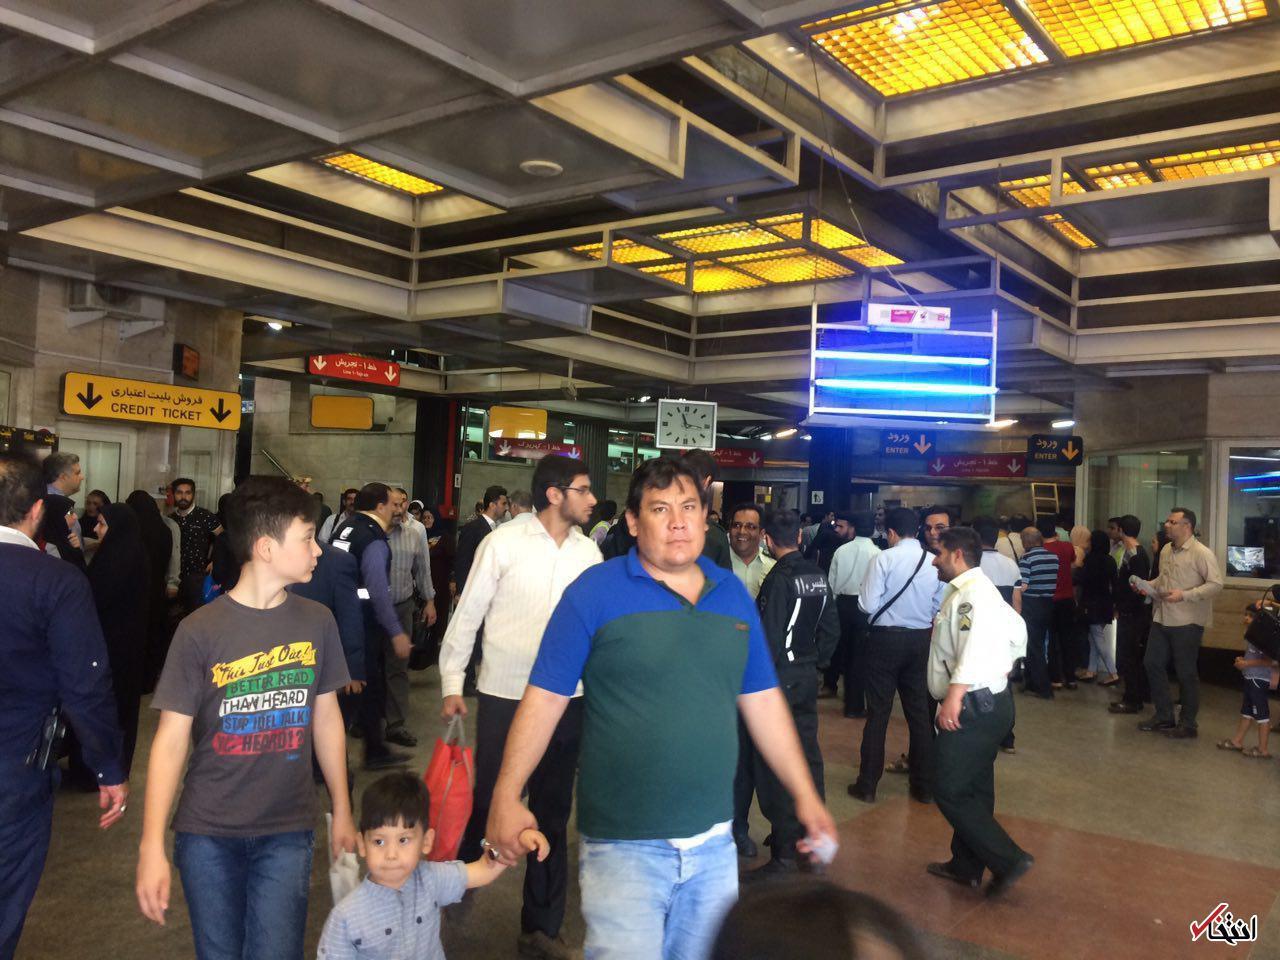 فوری / تیراندازی در مترو تهران / حمله با چاقو به مسافران/ مهاجم از ناحیه پا به ضرب گلوله پلیس به شدت زخمی شد/ (به روز می شود)